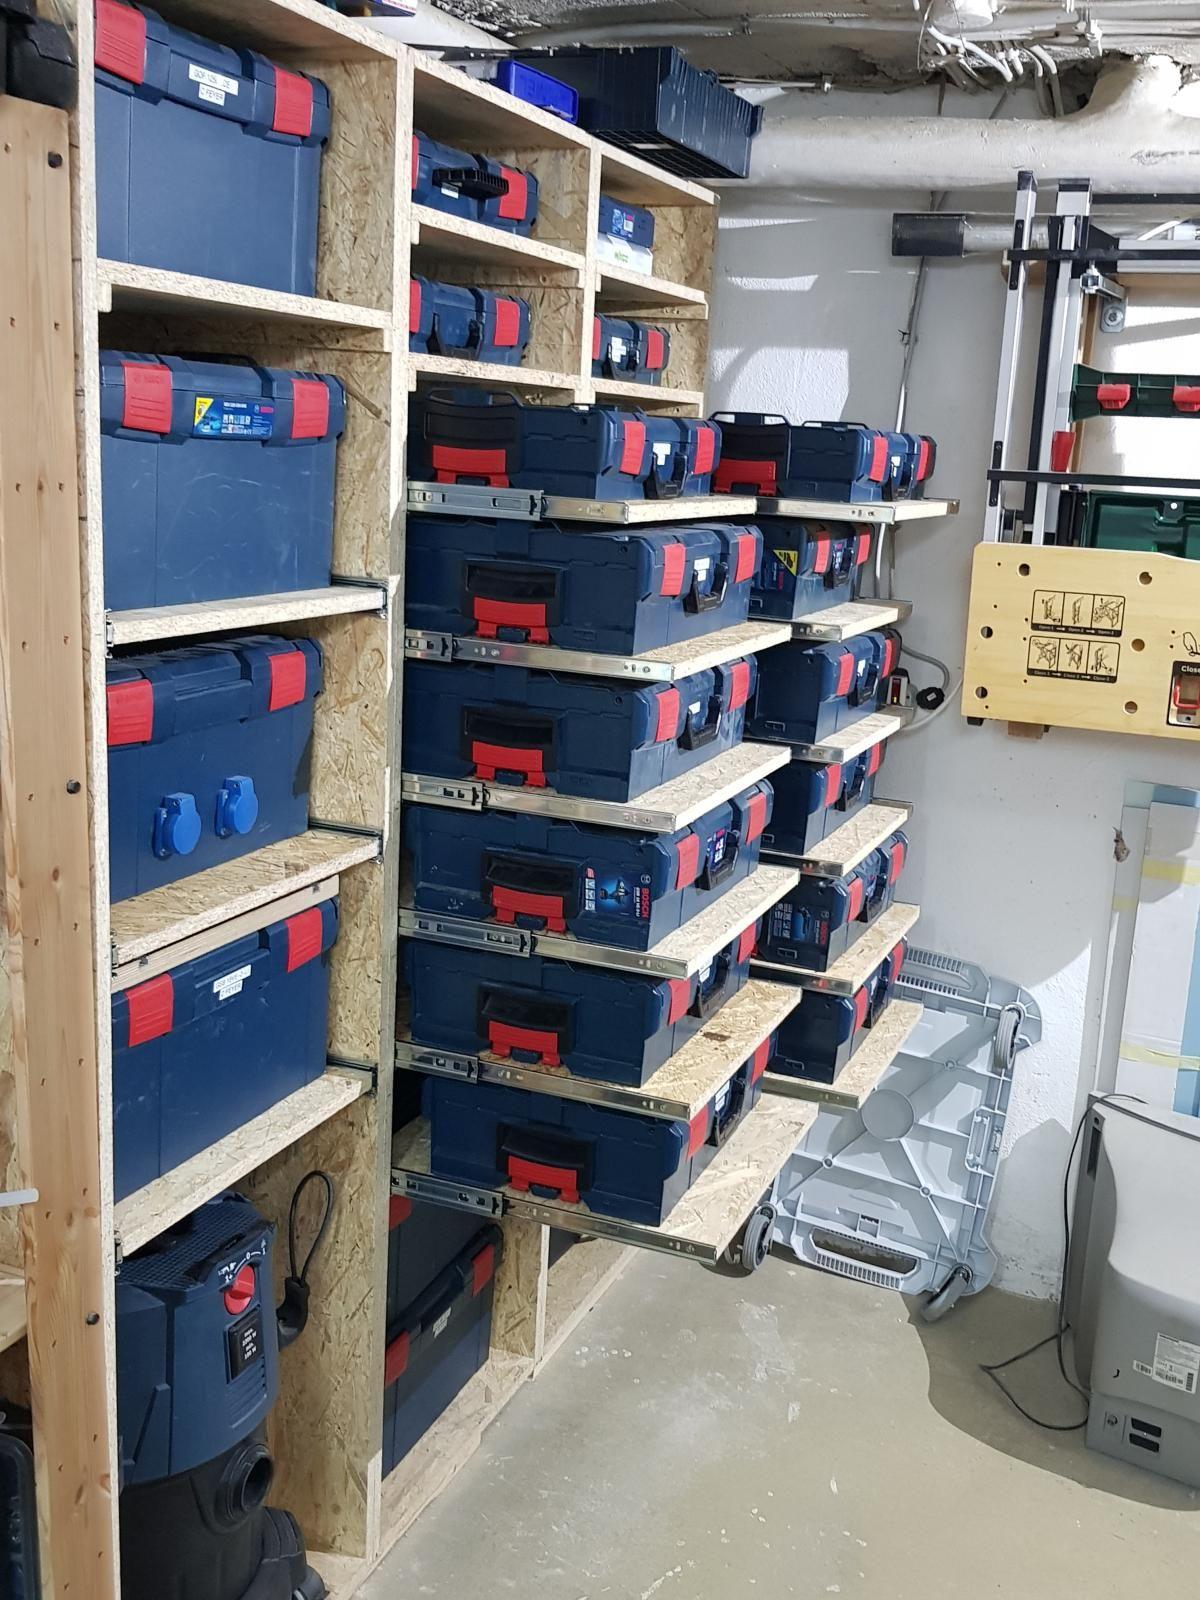 Forum Projekt L Boxx Schrank Bauen Boschptbeucommunityde Bosch Professional In 2020 Schrank Bauen Aufbewahrung Werkstatt Garagenstauraum